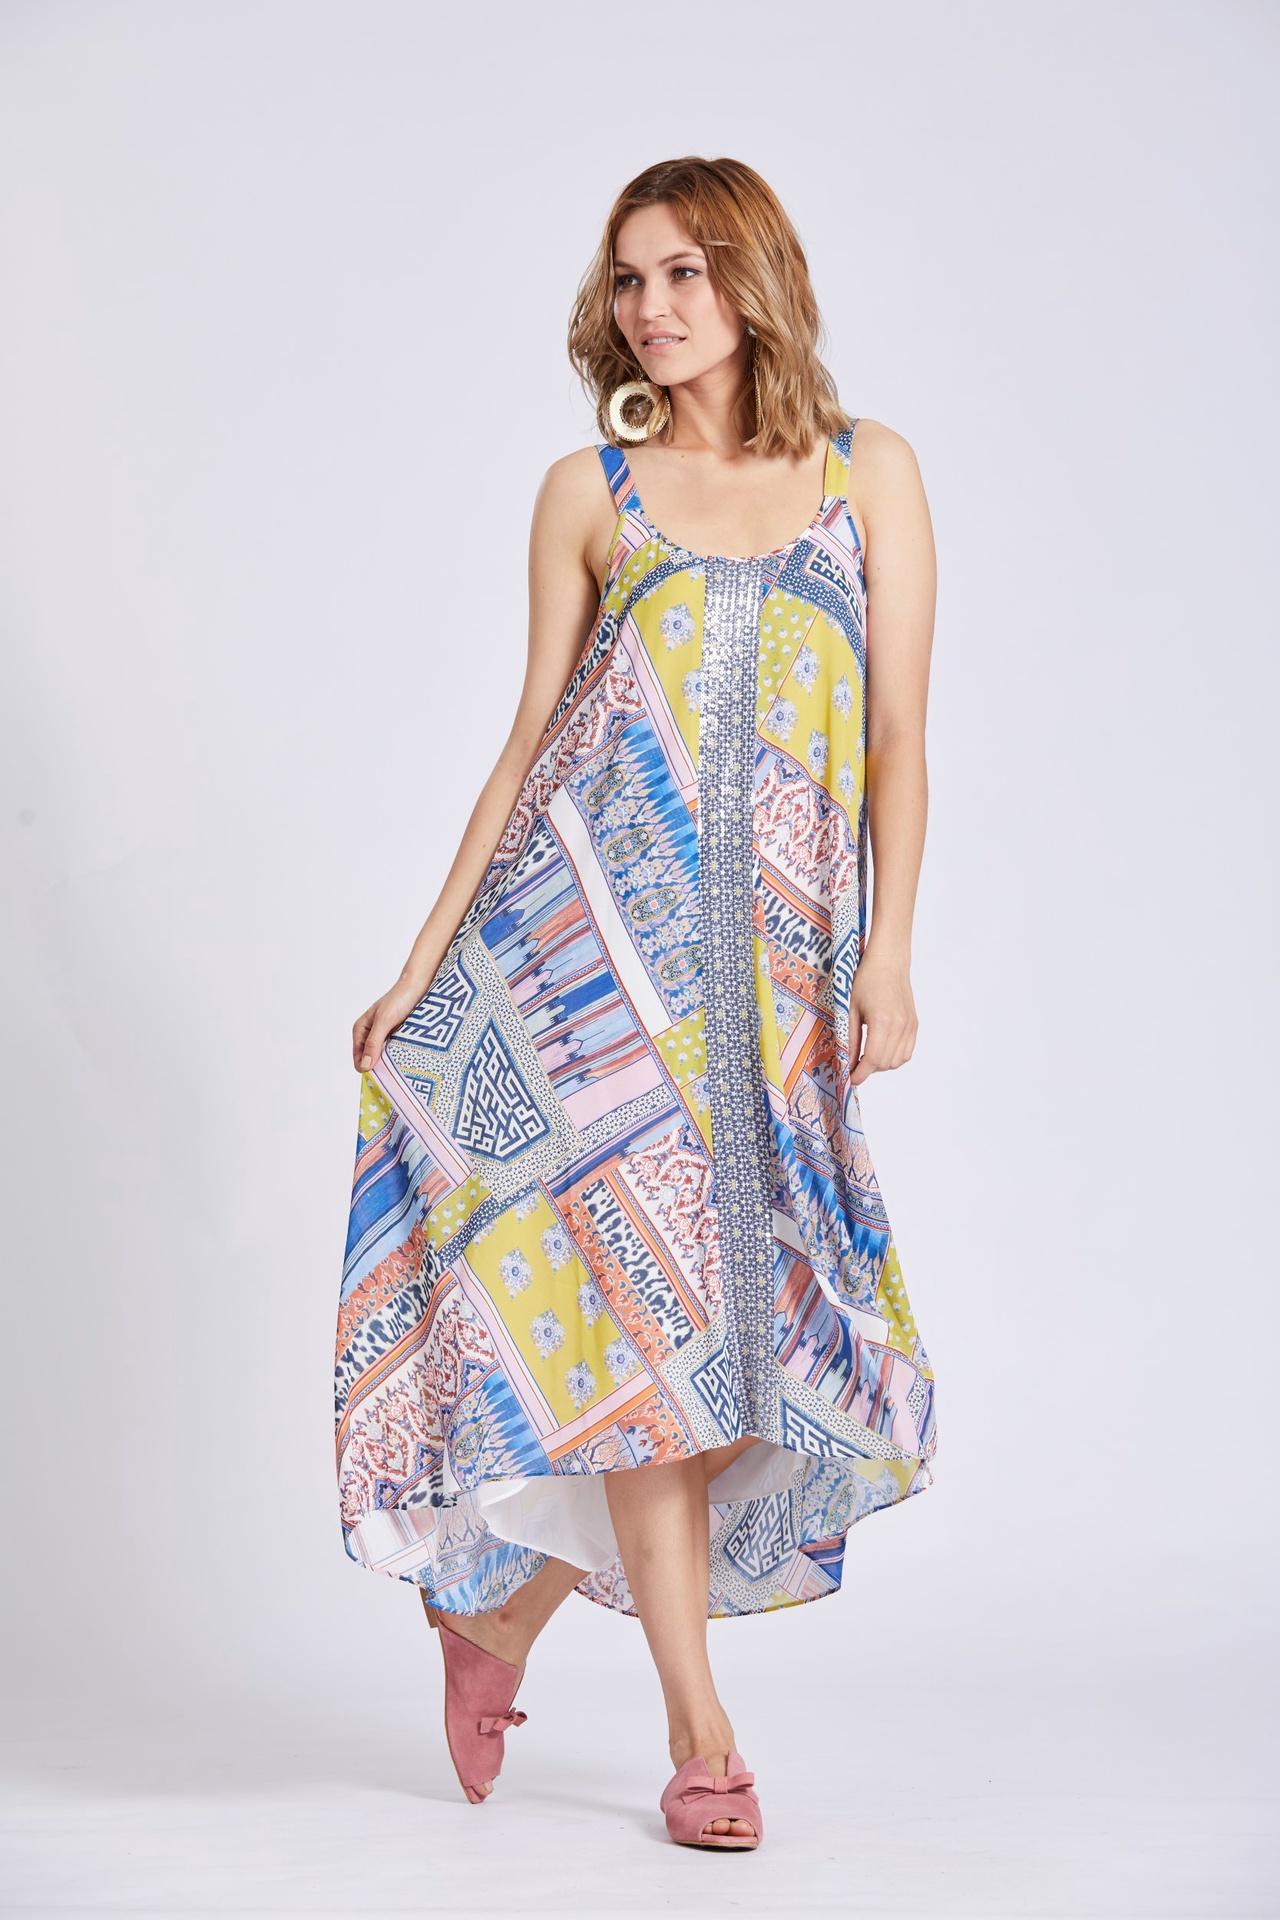 ls1370 St Tropez Midi Dress